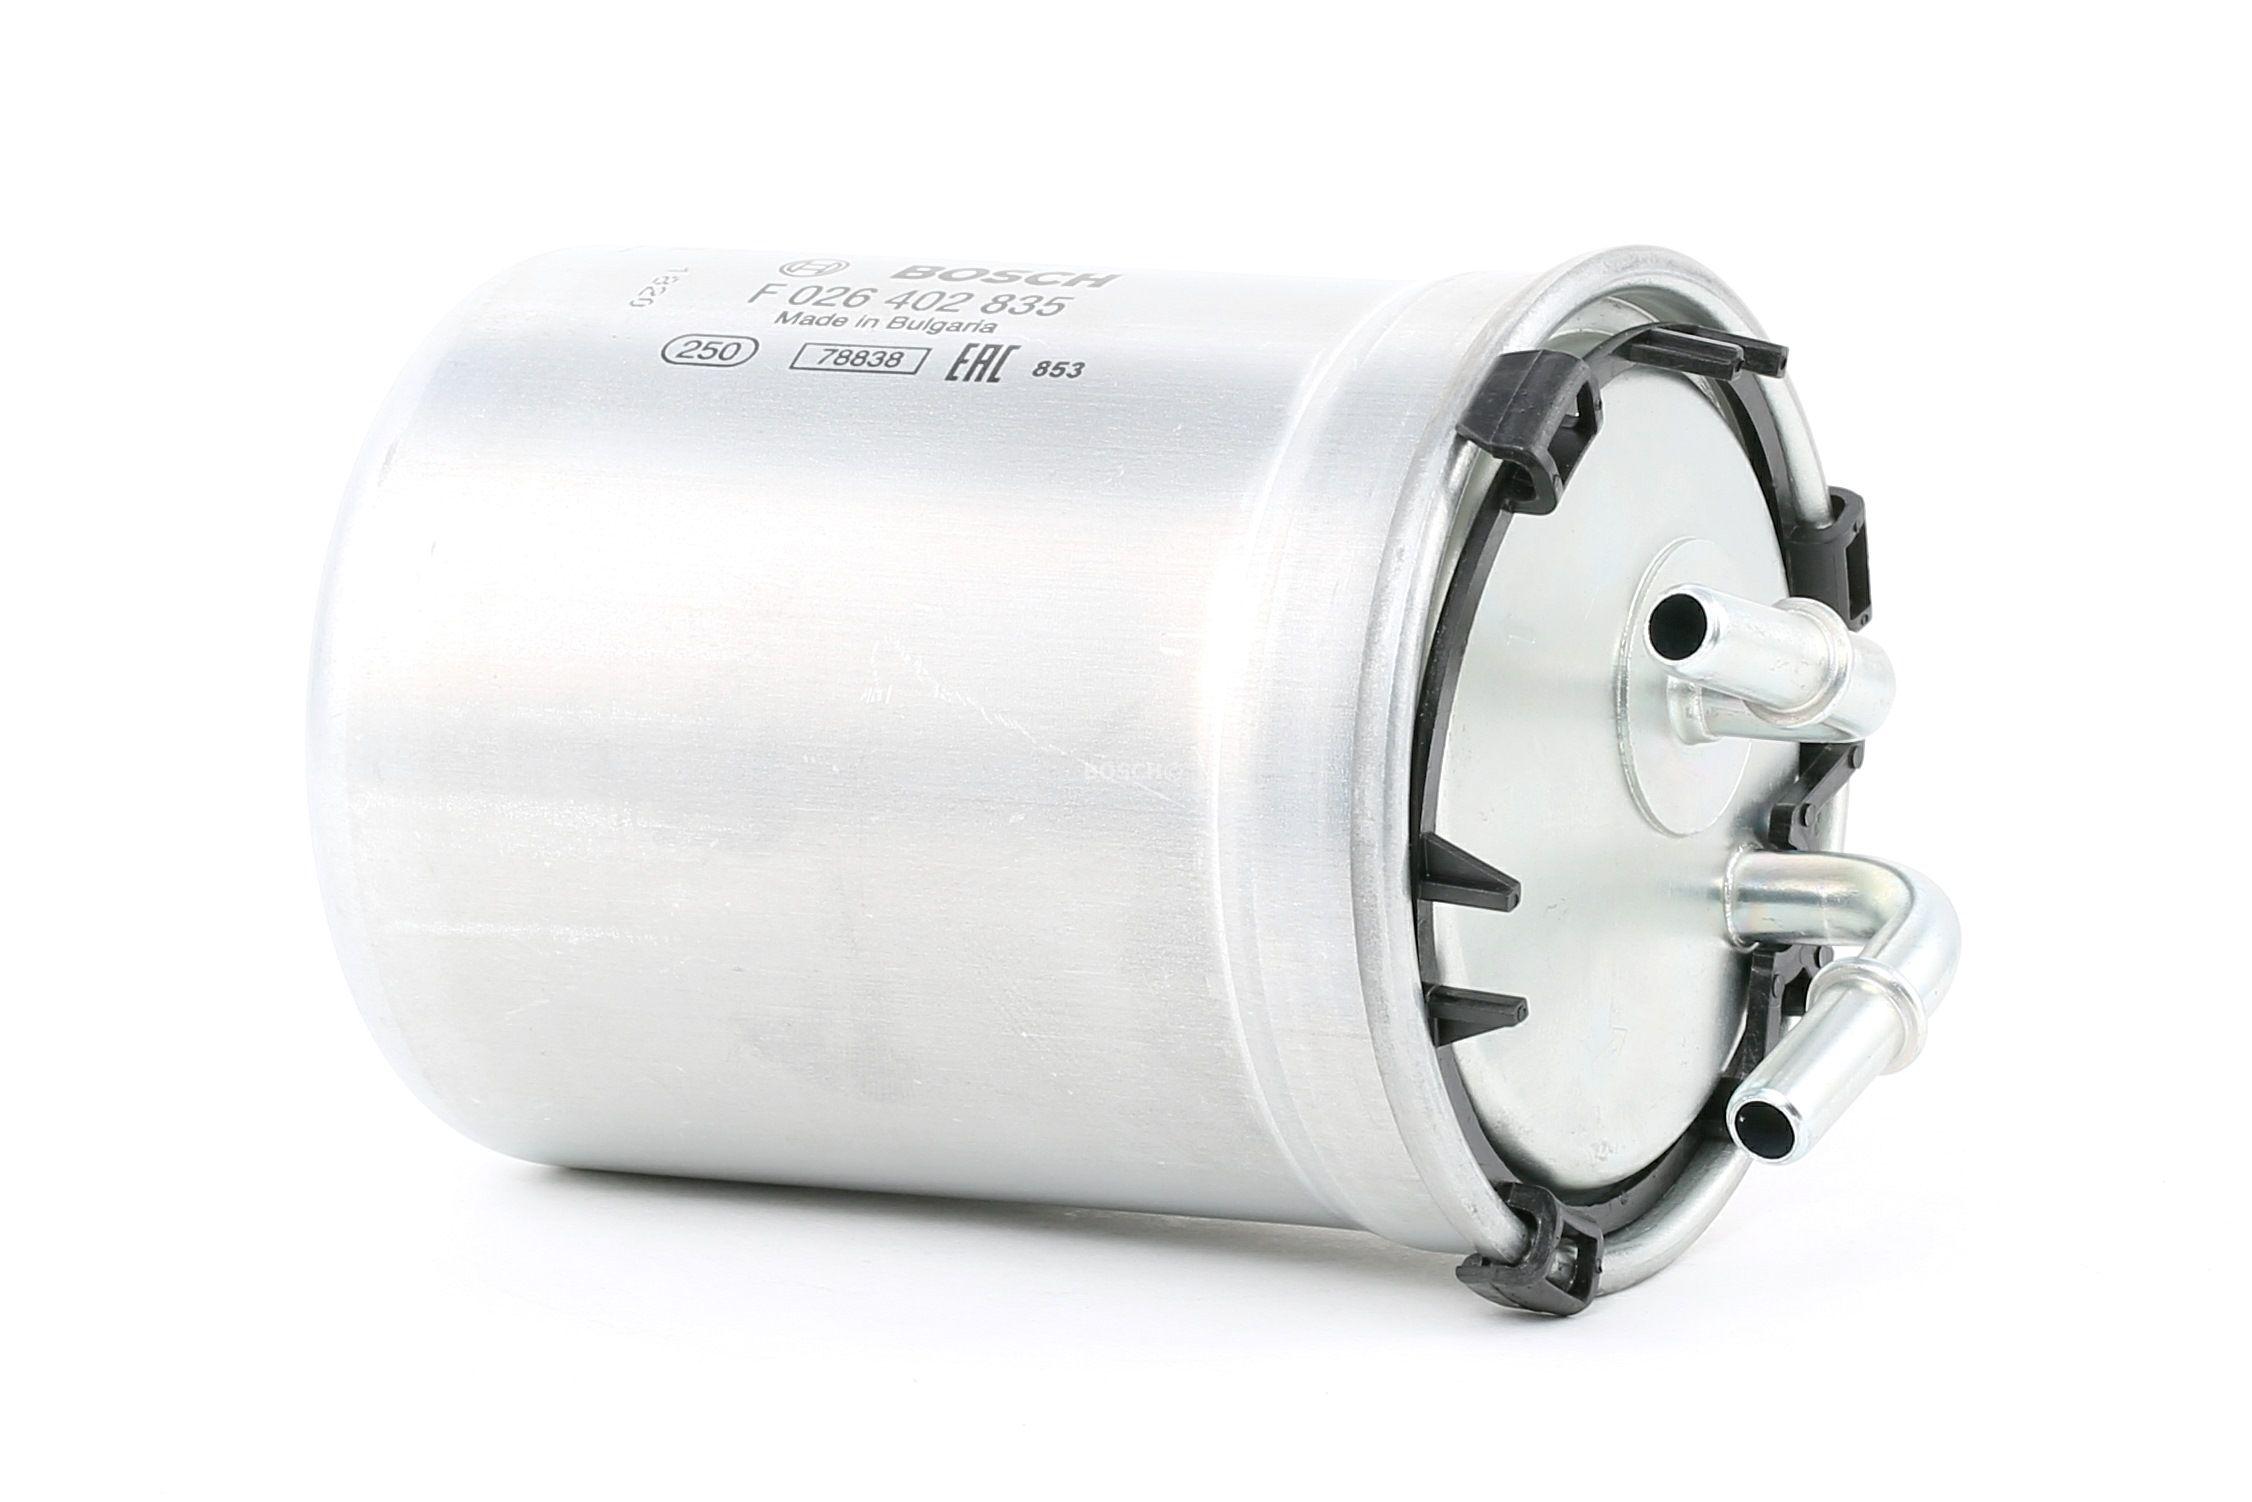 Palivový filtr F 026 402 835 s vynikajícím poměrem mezi cenou a BOSCH kvalitou